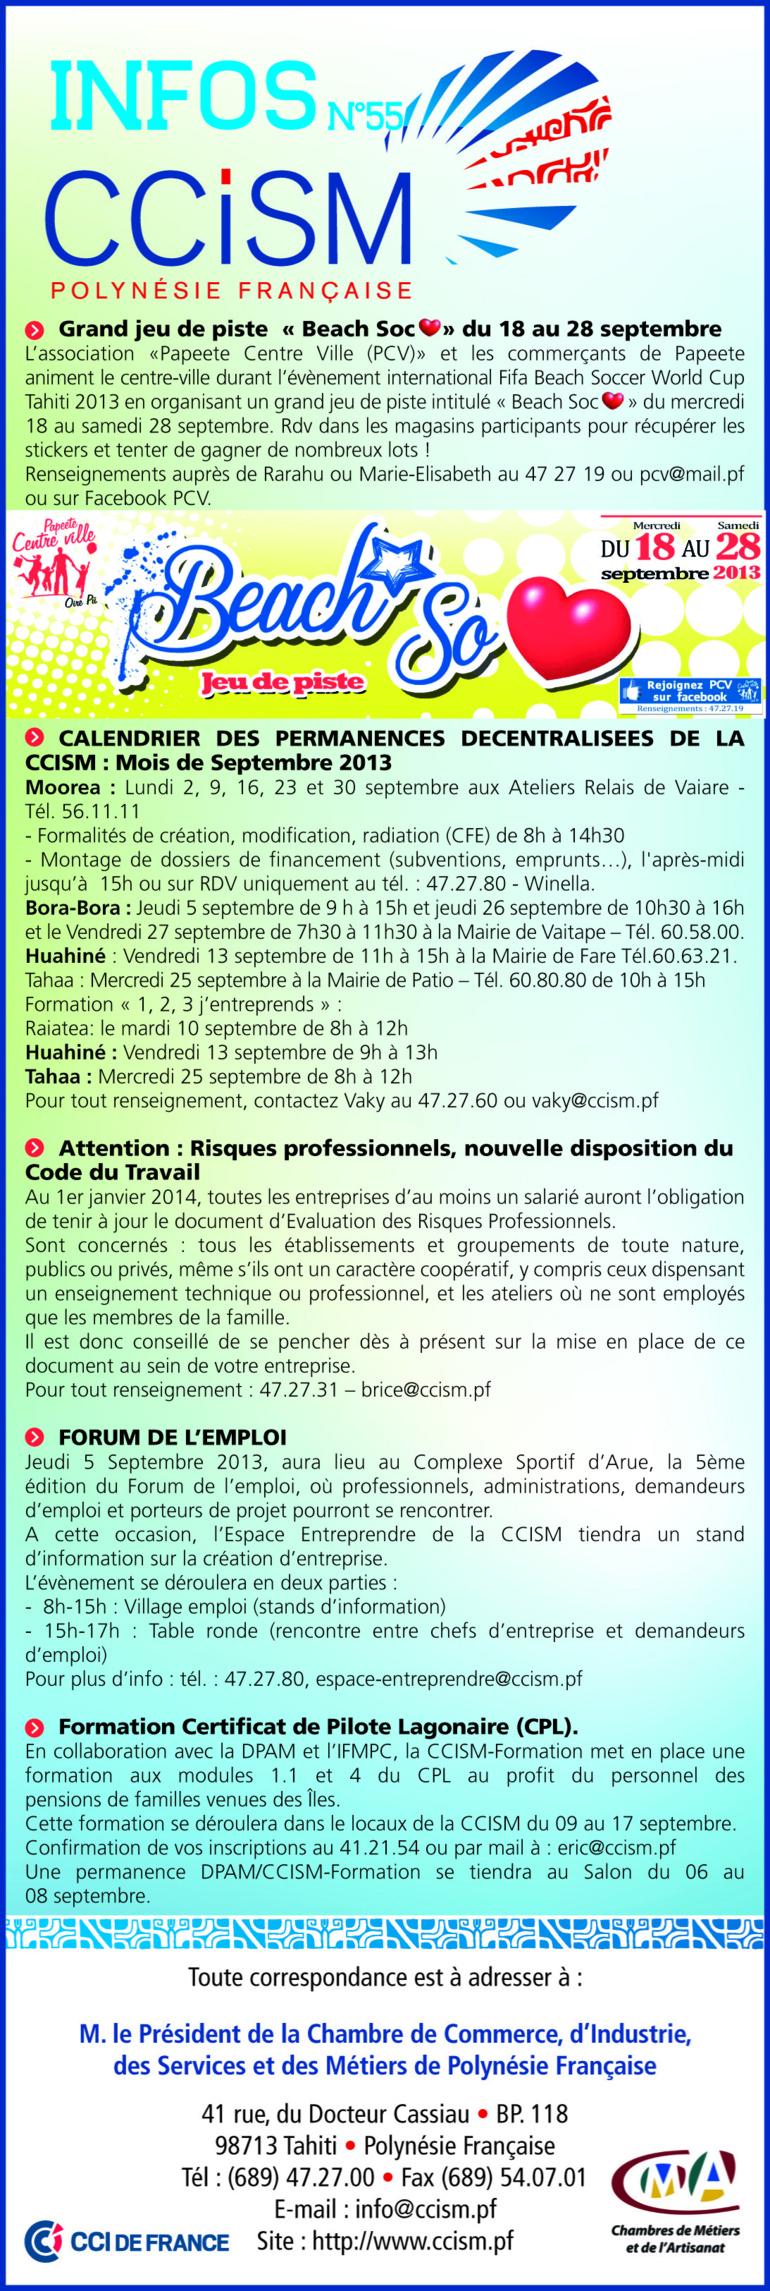 Infos CCISM N°55